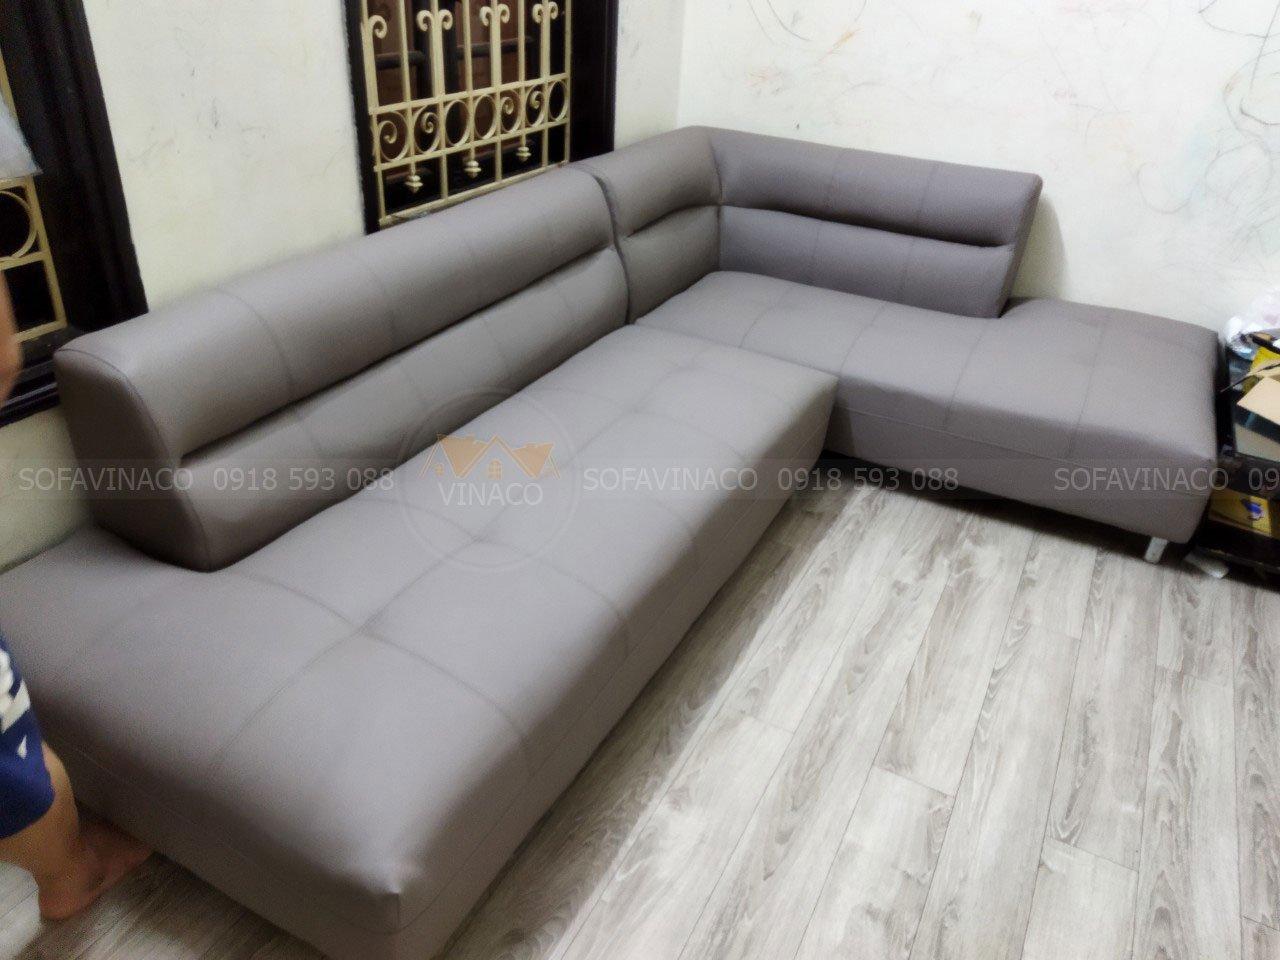 Công trình bọc ghế sofa cho anh Nam tại phường Mỹ Đình đã hoàn thành